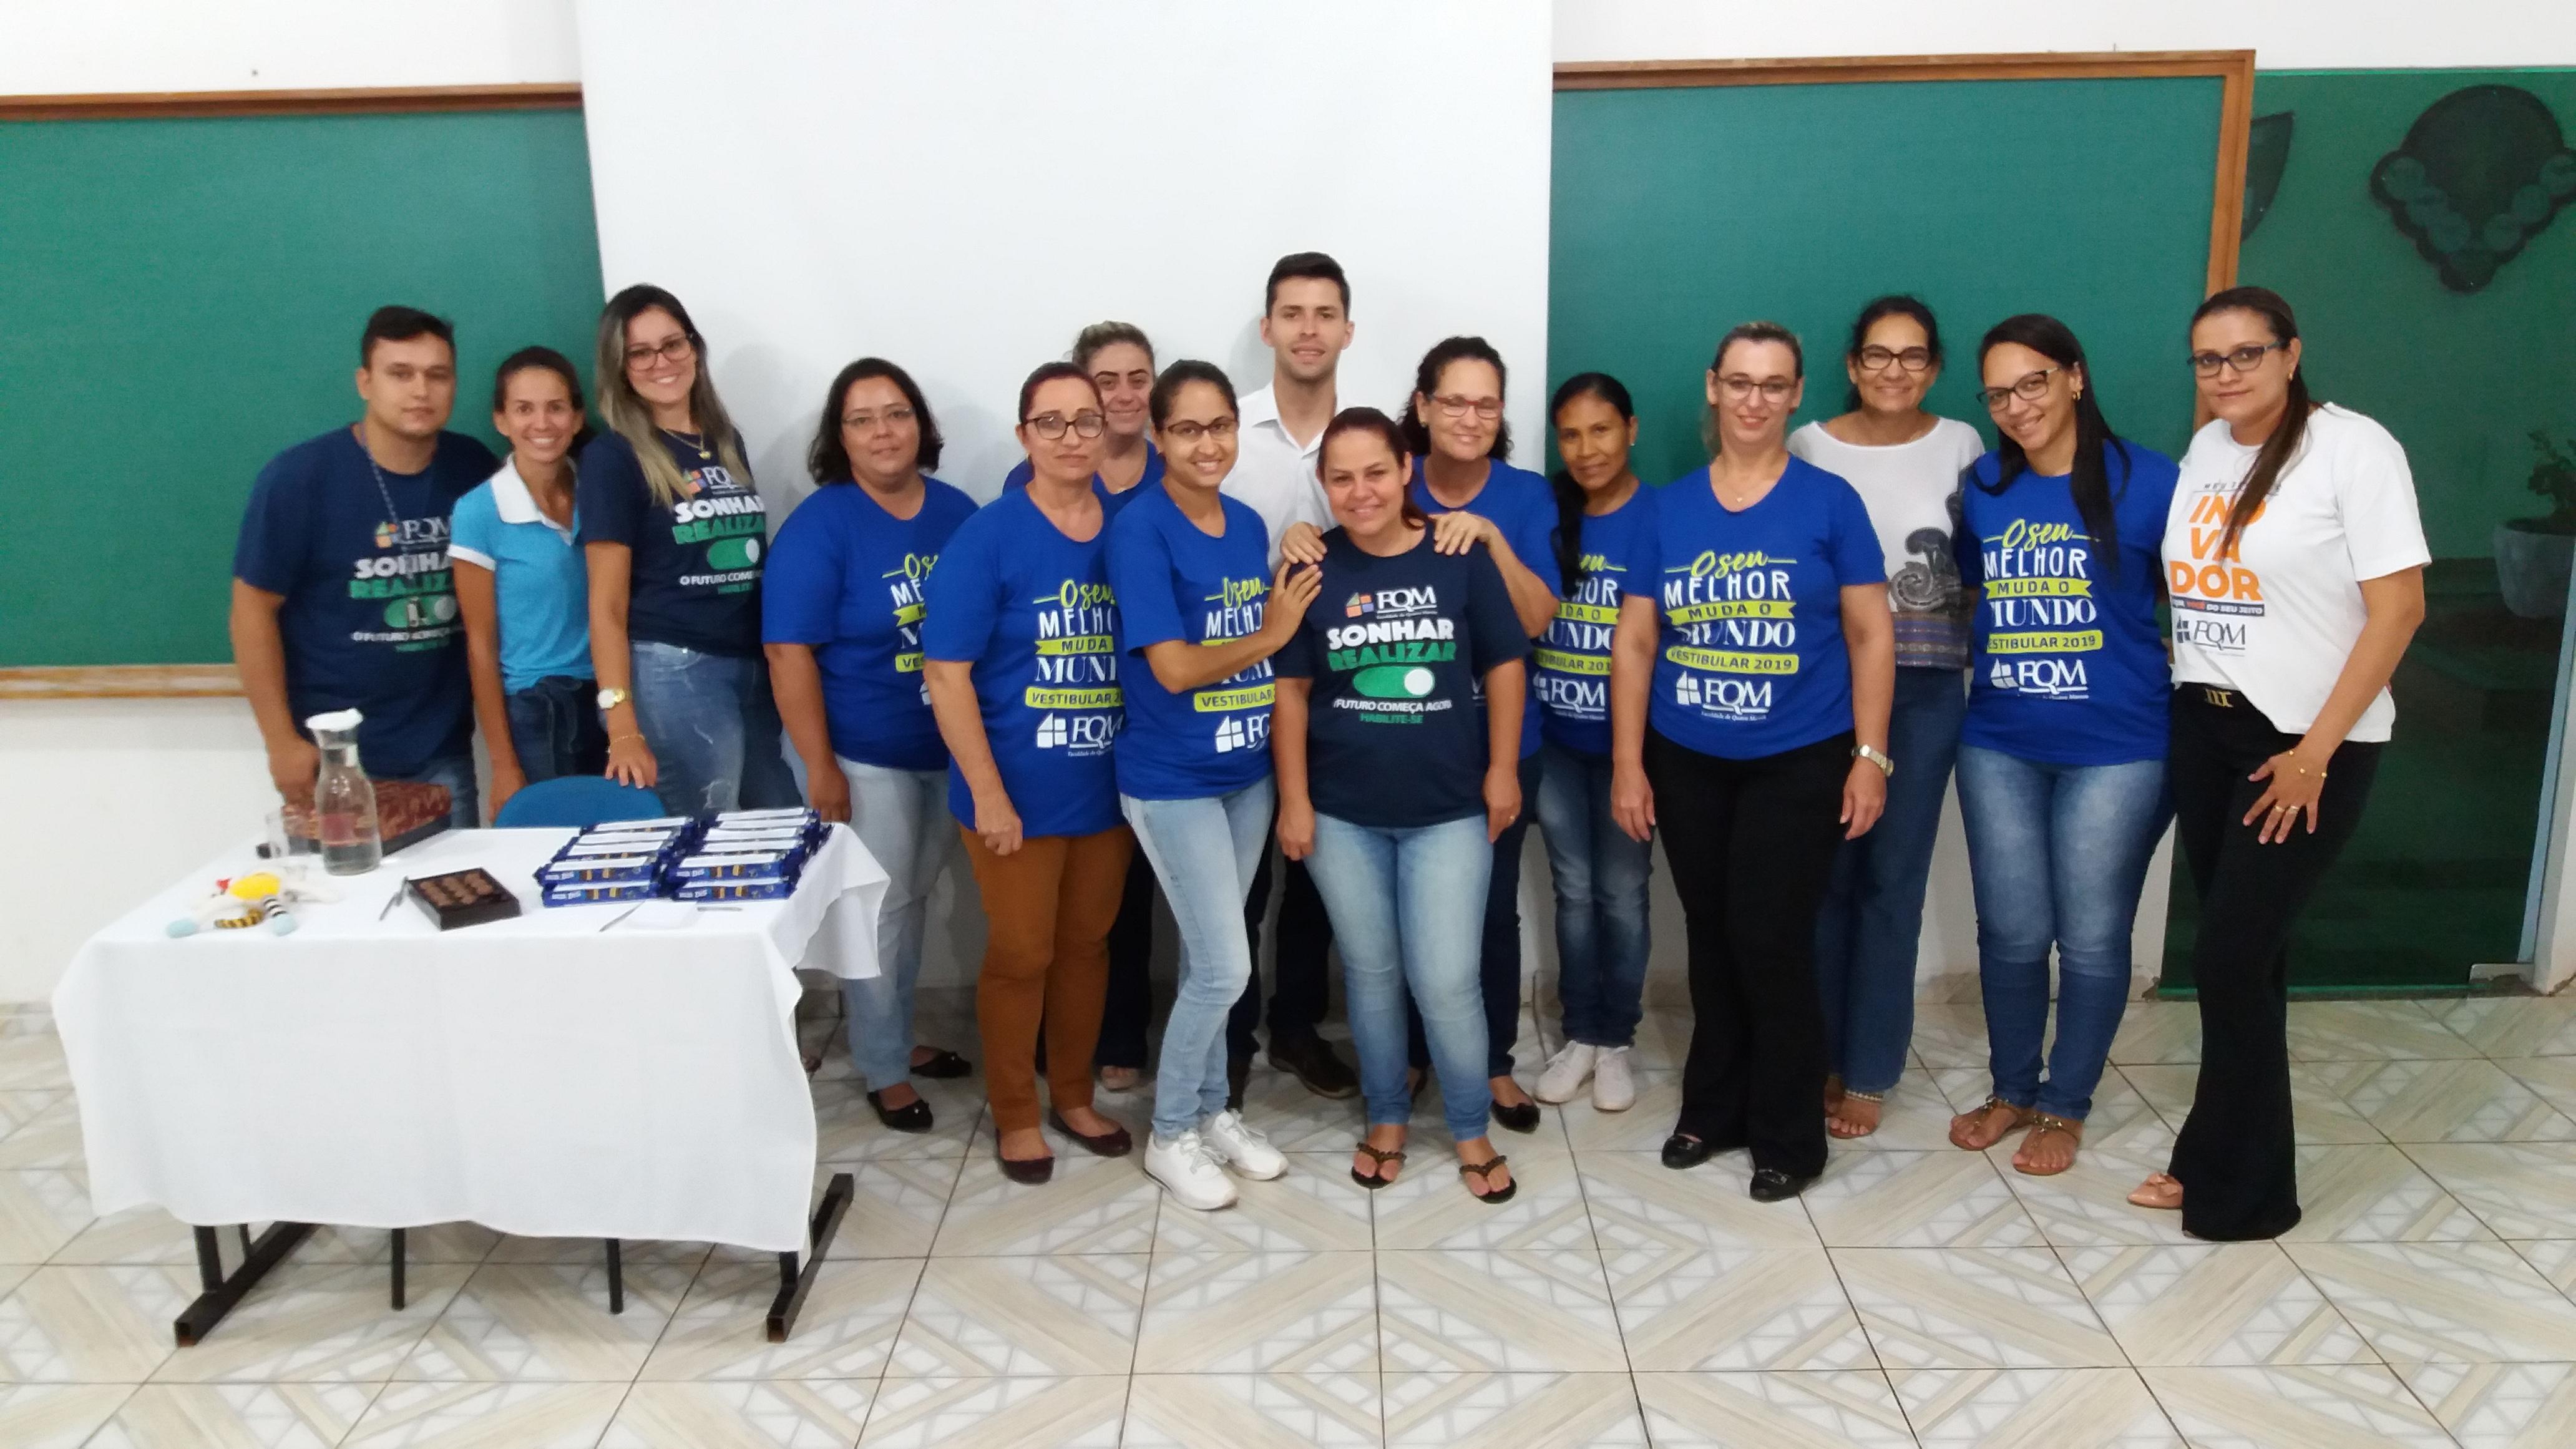 Direção Acadêmica promove palestra motivacional junto à Equipe Administrativa da FQM